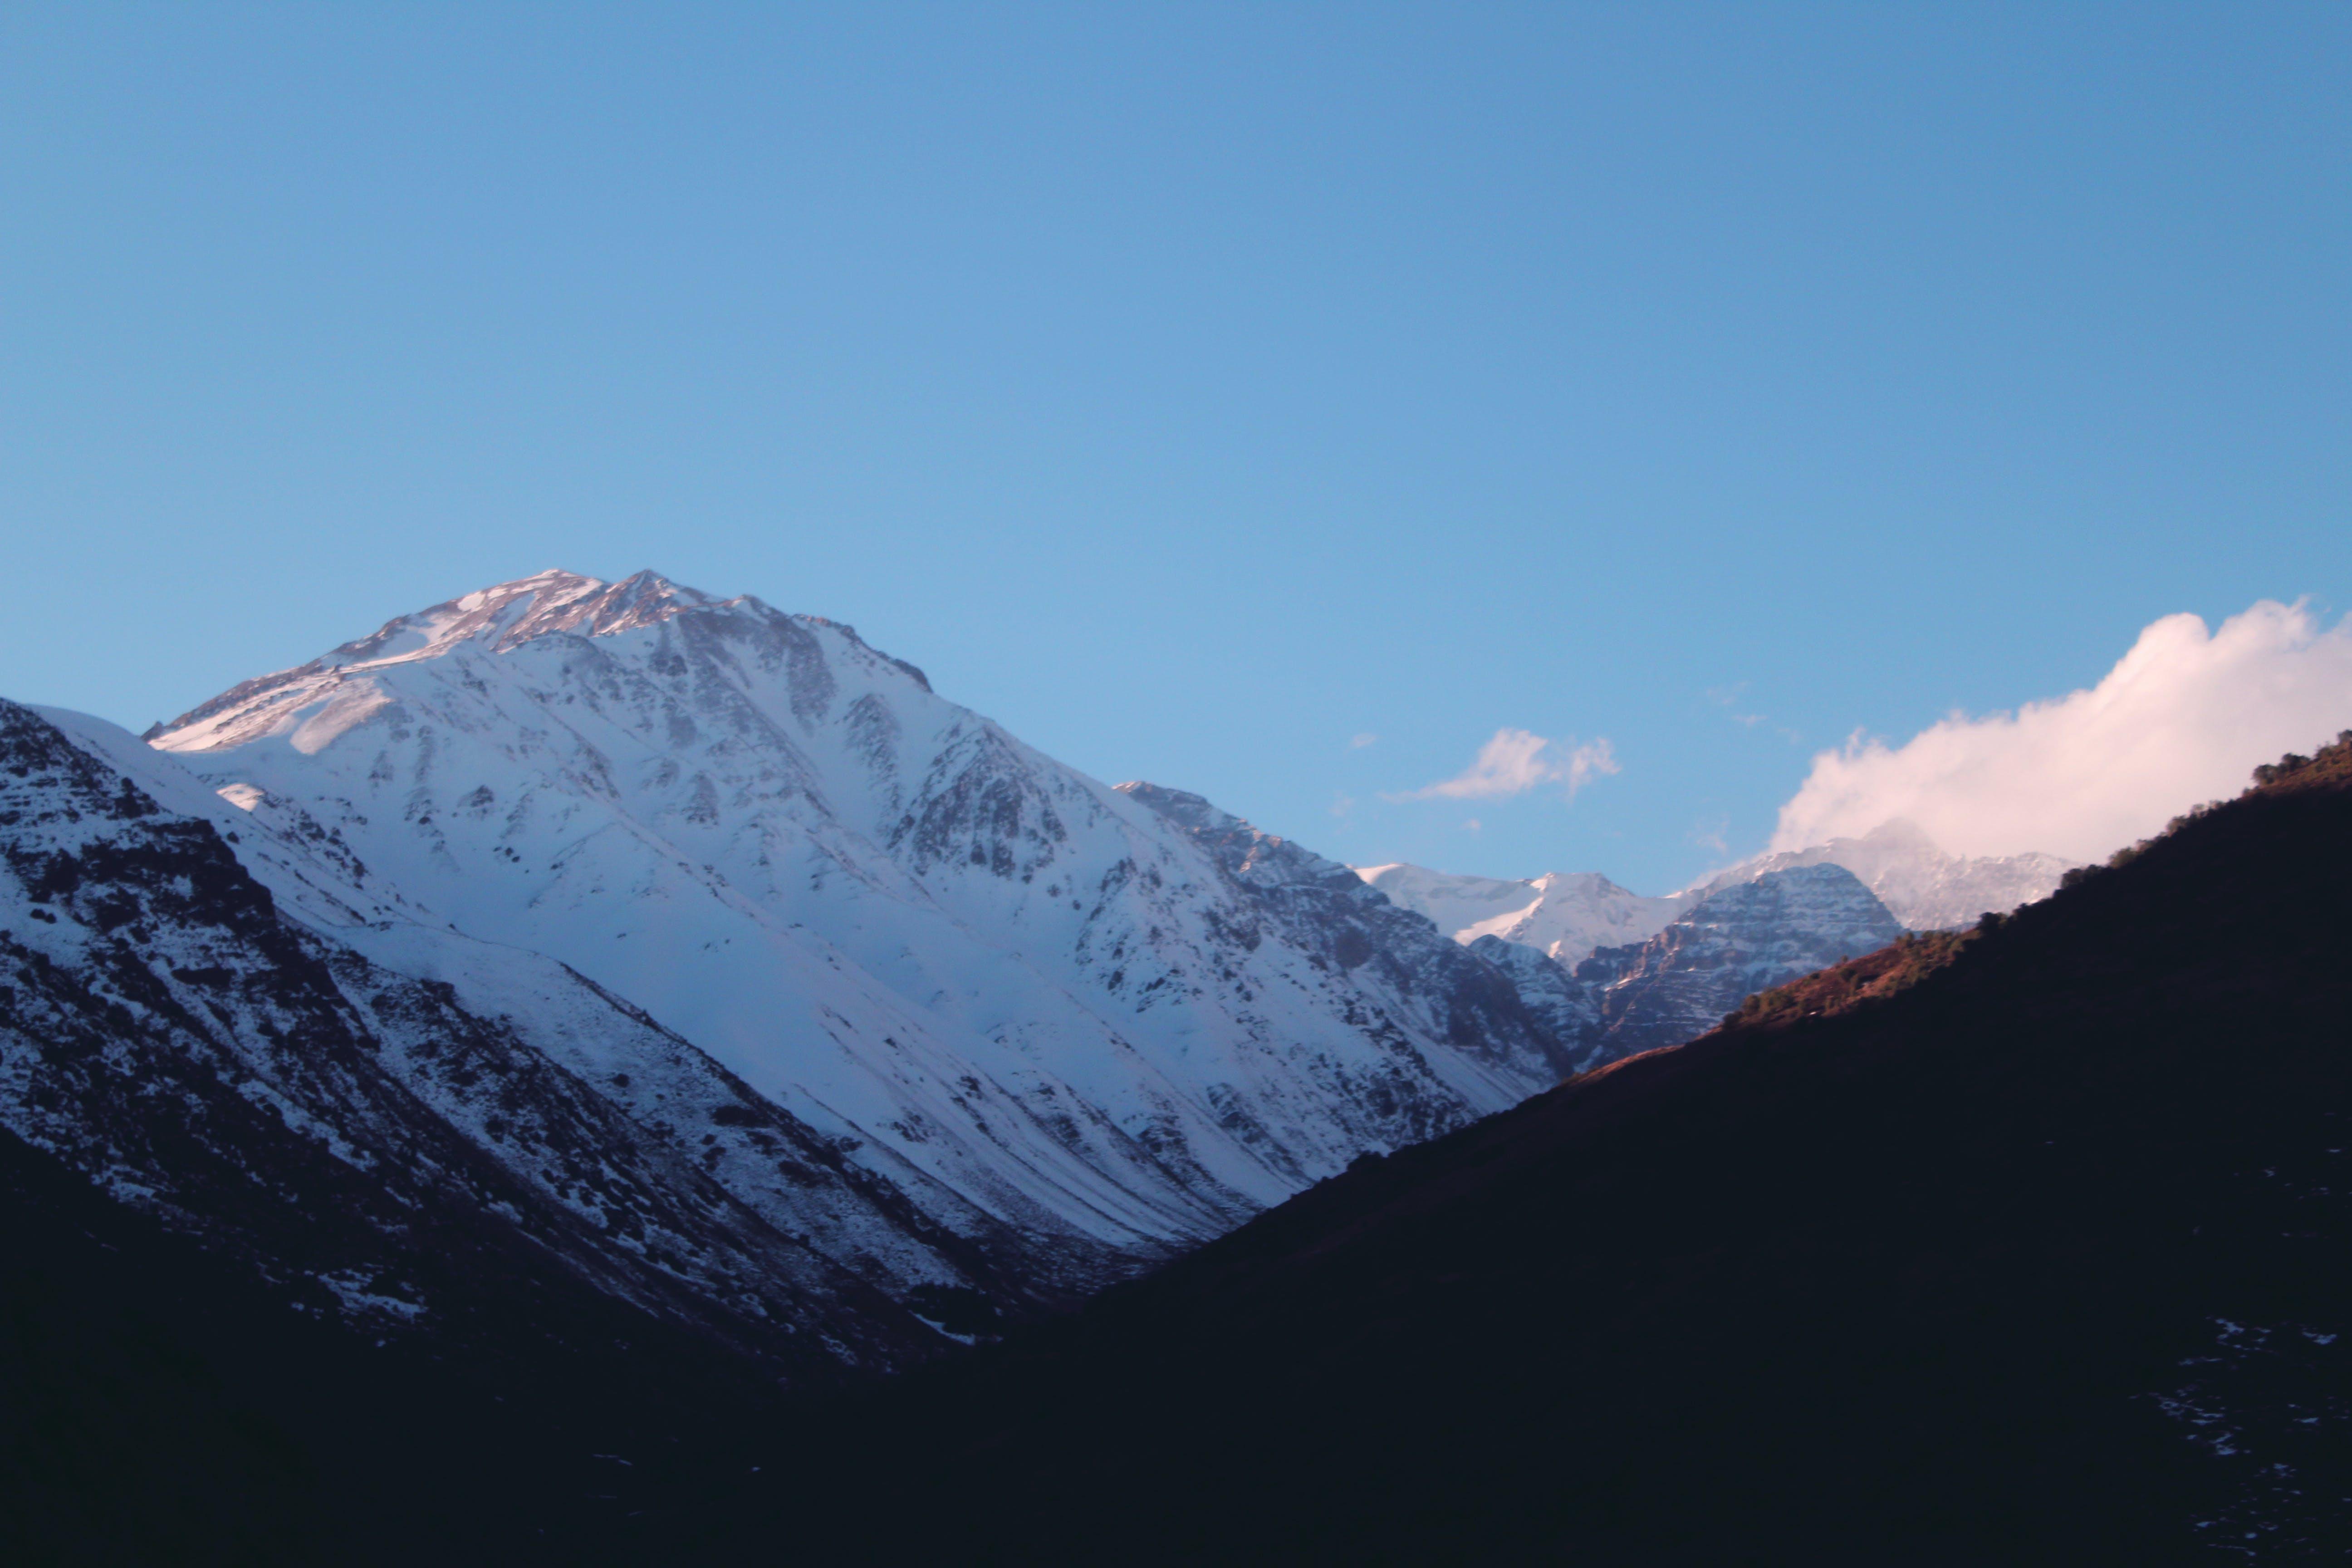 Free stock photo of mountain, mountain range, snow, snow capped mountain